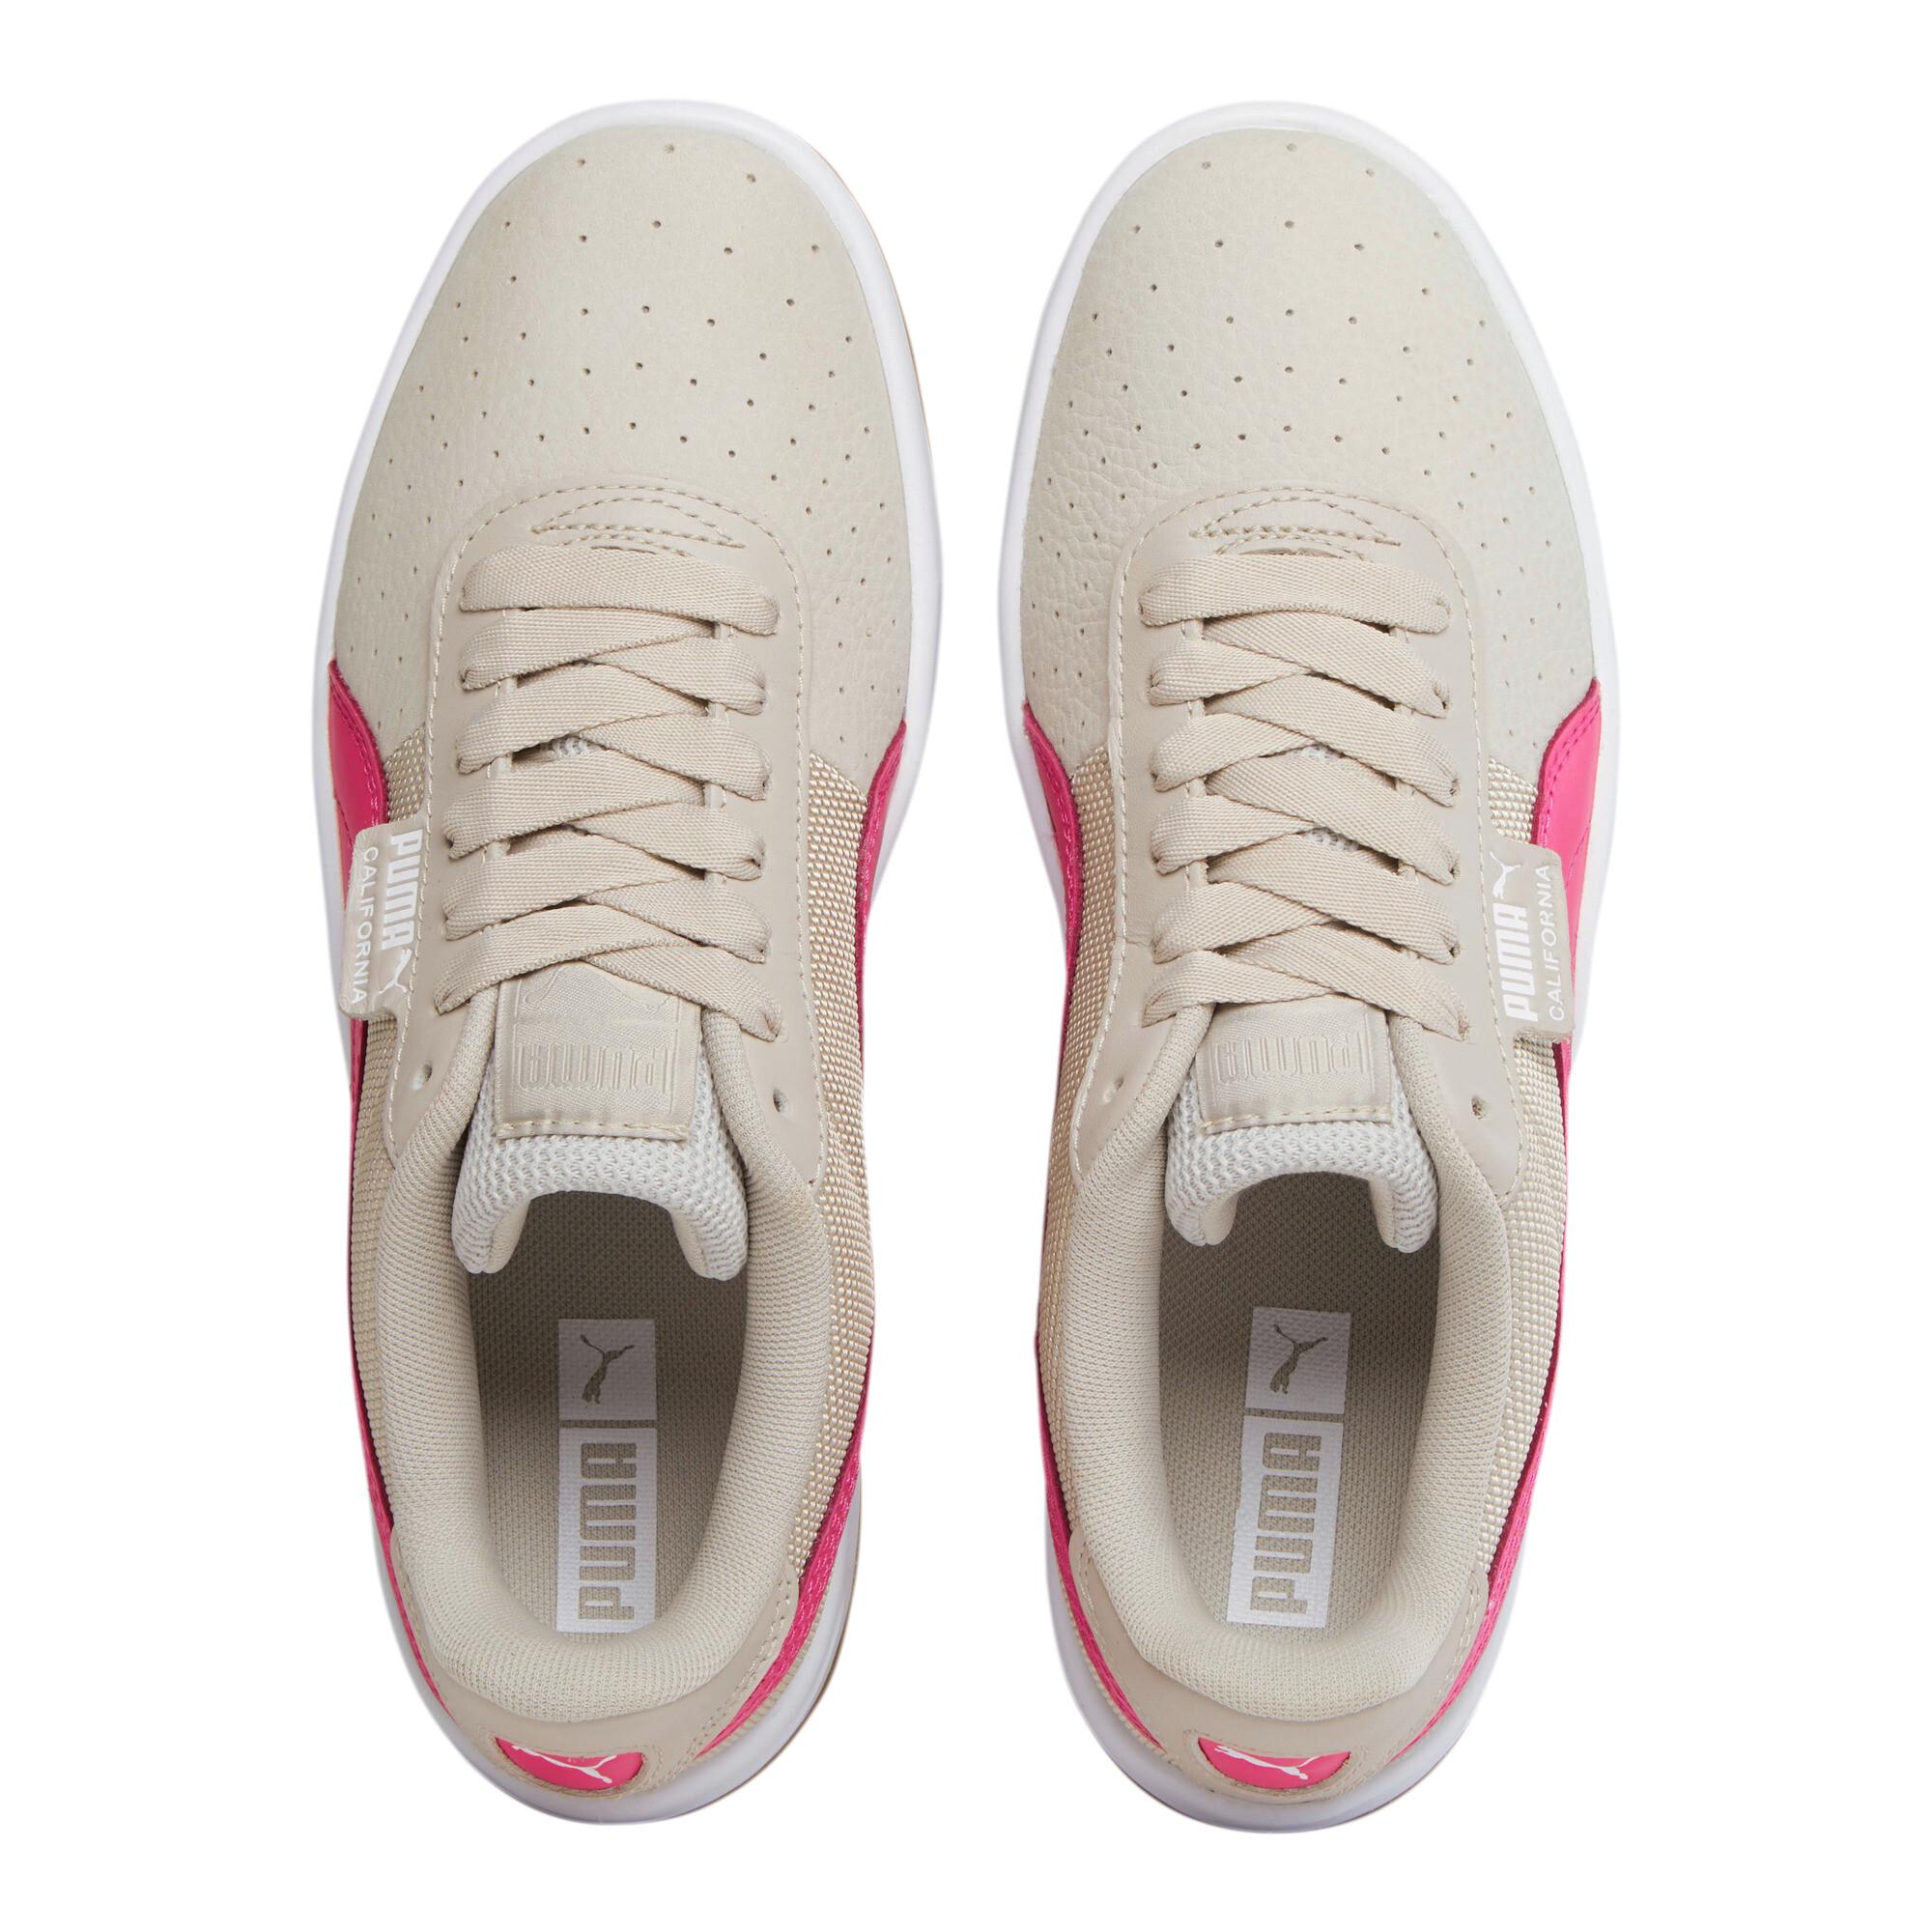 PUMA-California-Women-039-s-Sneakers-Women-Shoe-Sport-Classics thumbnail 18